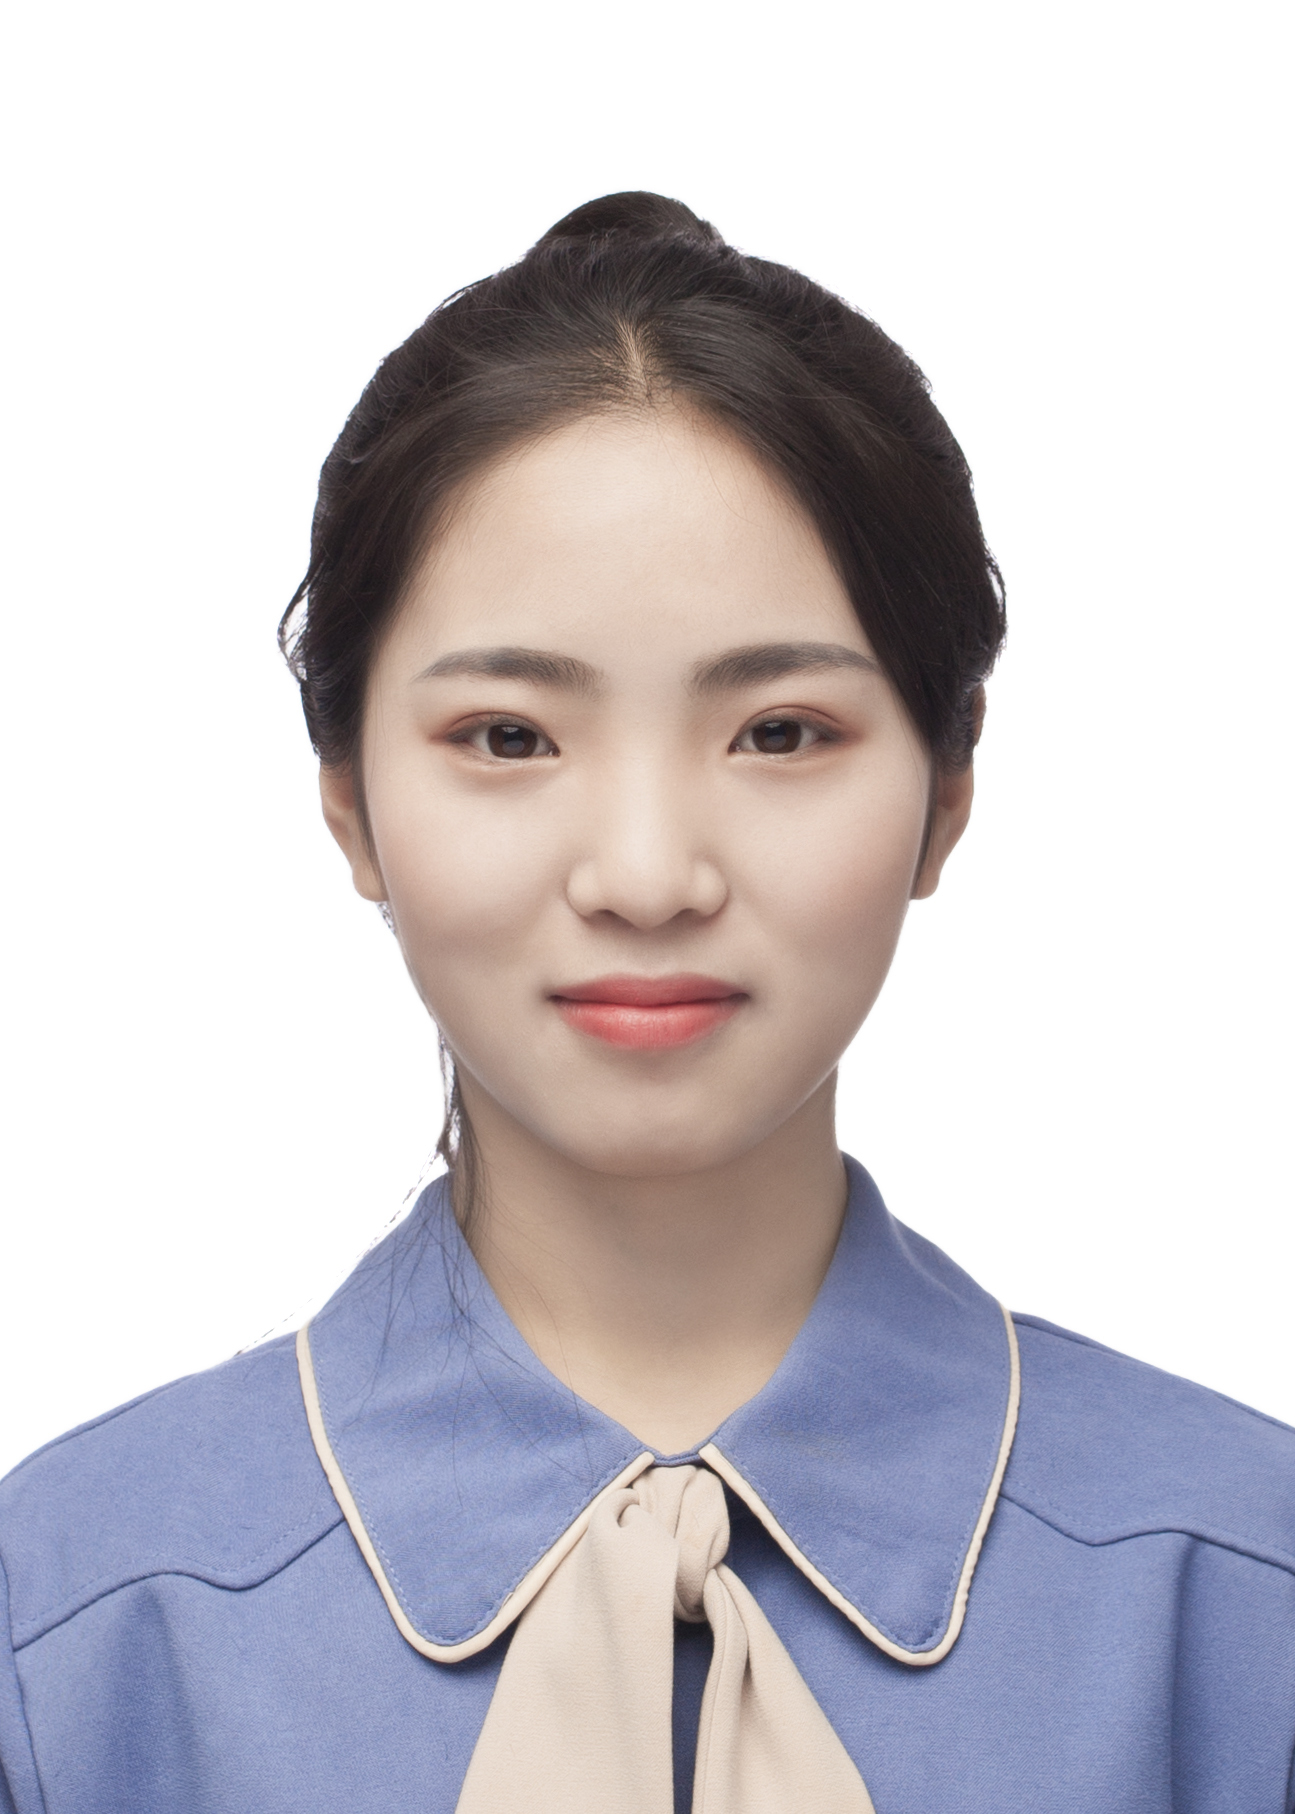 重庆家教王教员